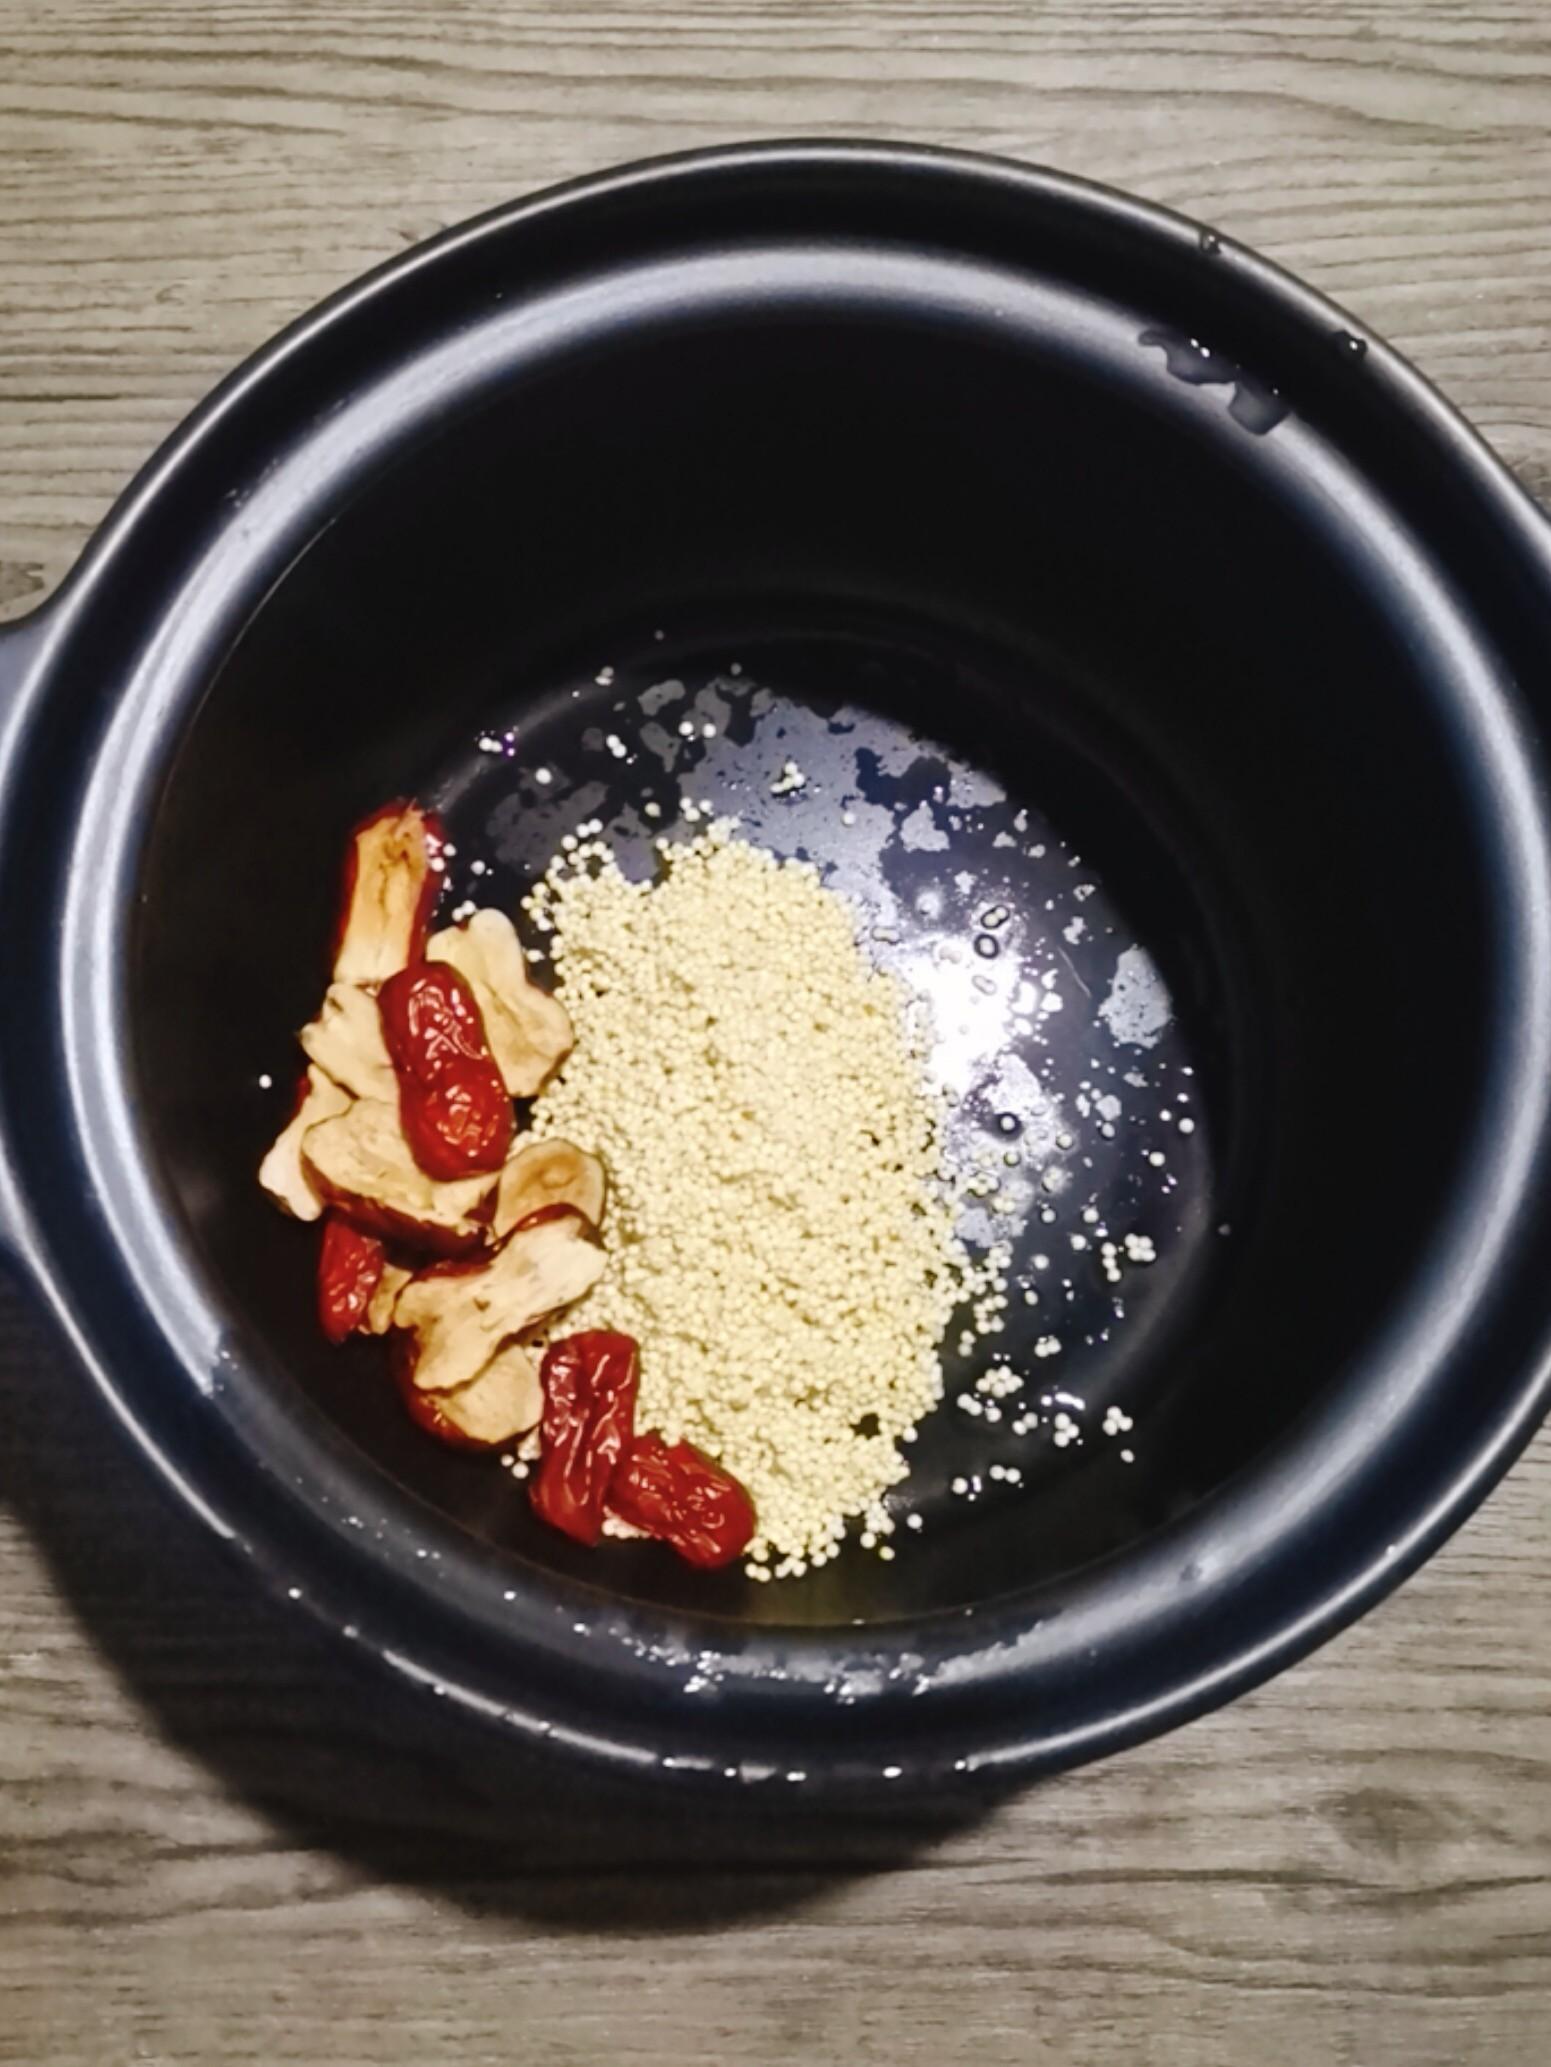 红枣小米粥的简单做法